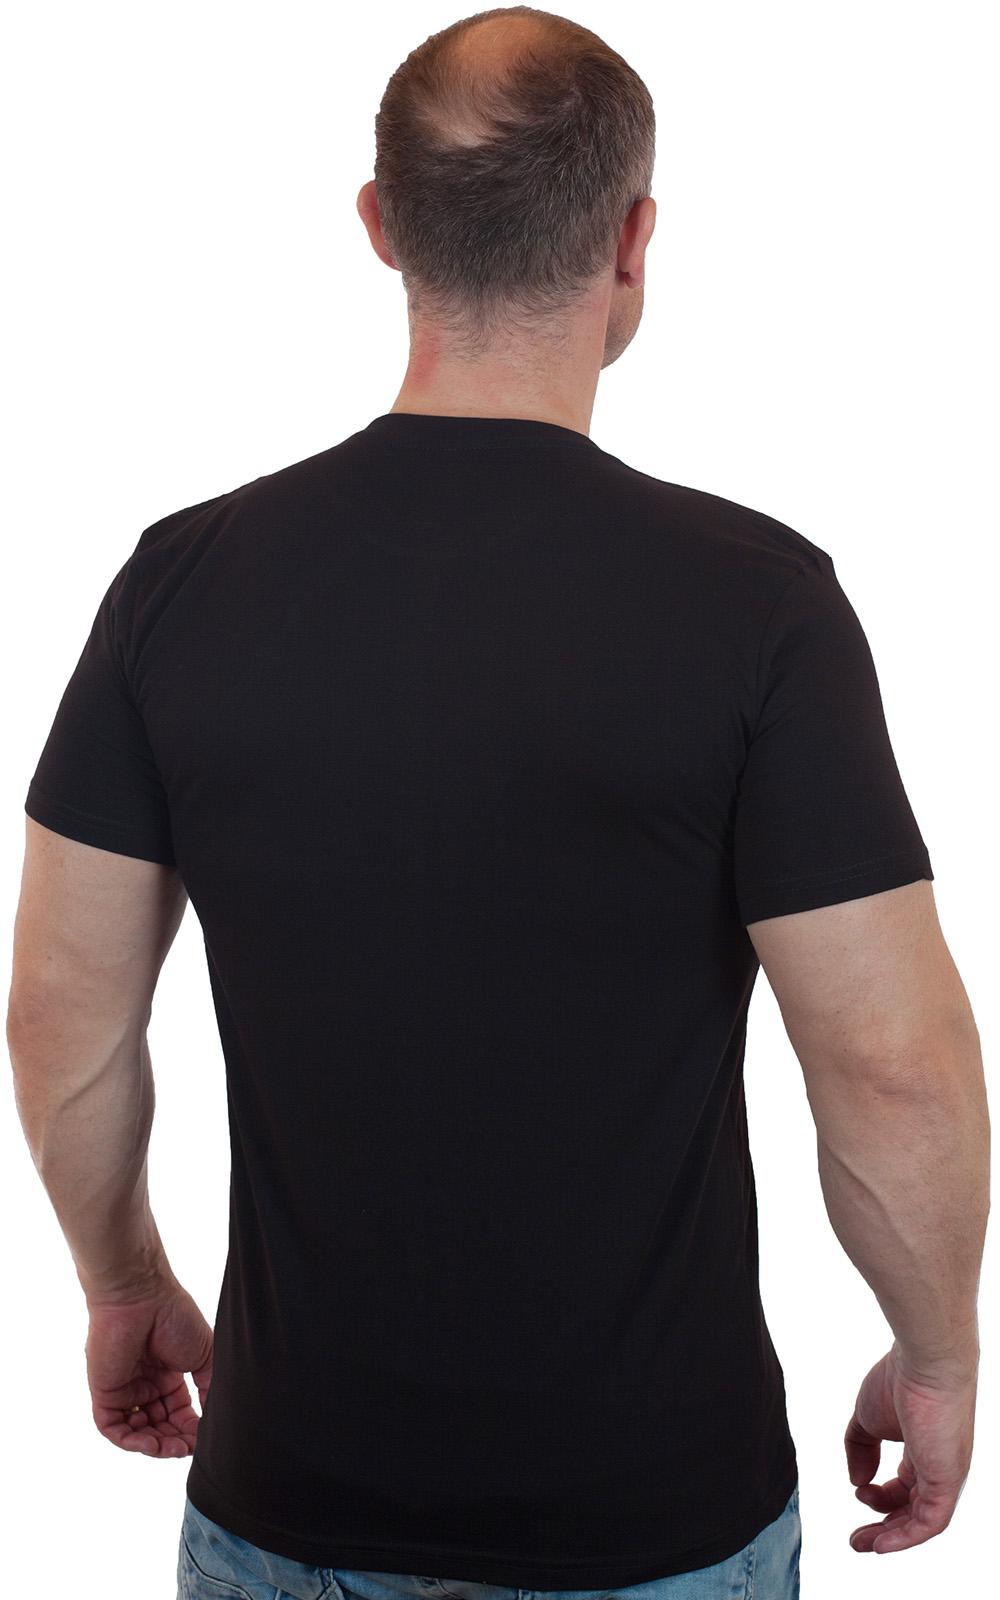 Стильная мужская футболка с вышитой эмблемой Спецназ Снайпер - купить выгодно